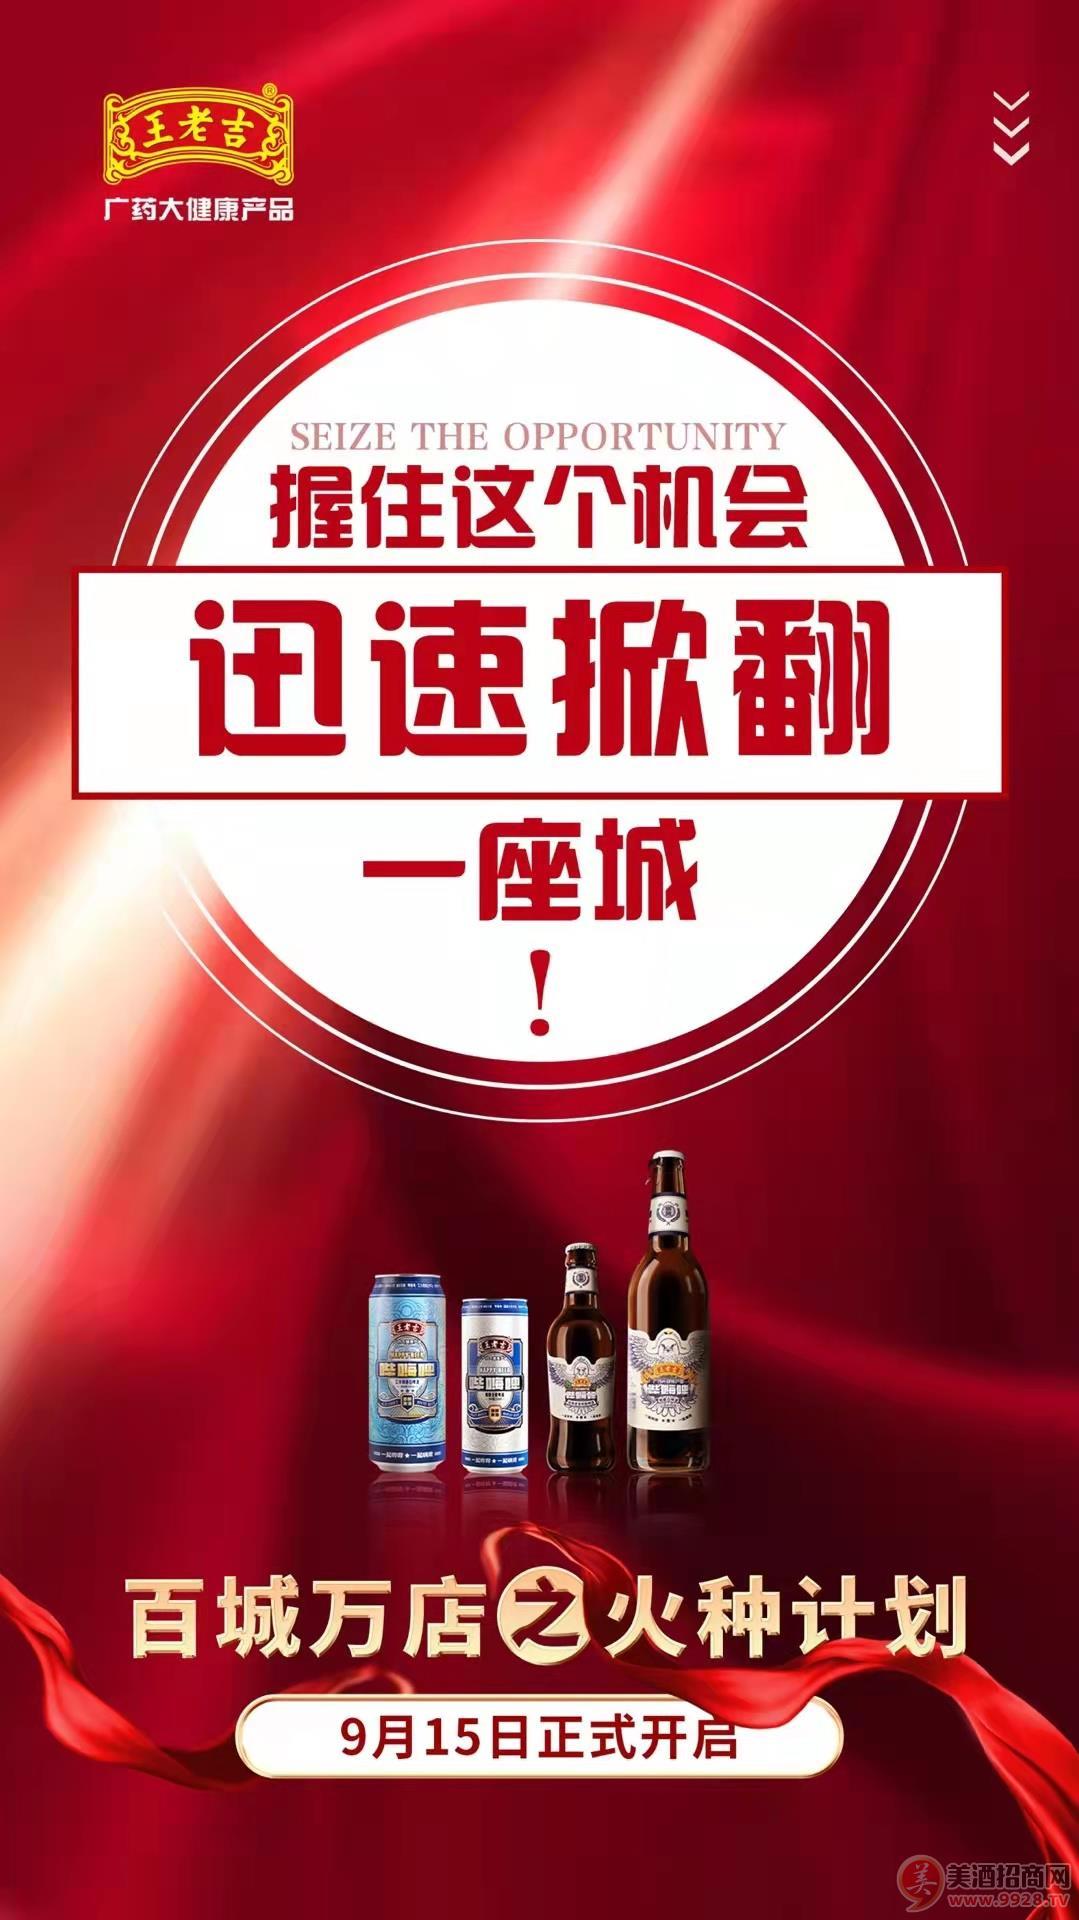 王老吉哔嗨啤精酿啤酒招募代理!